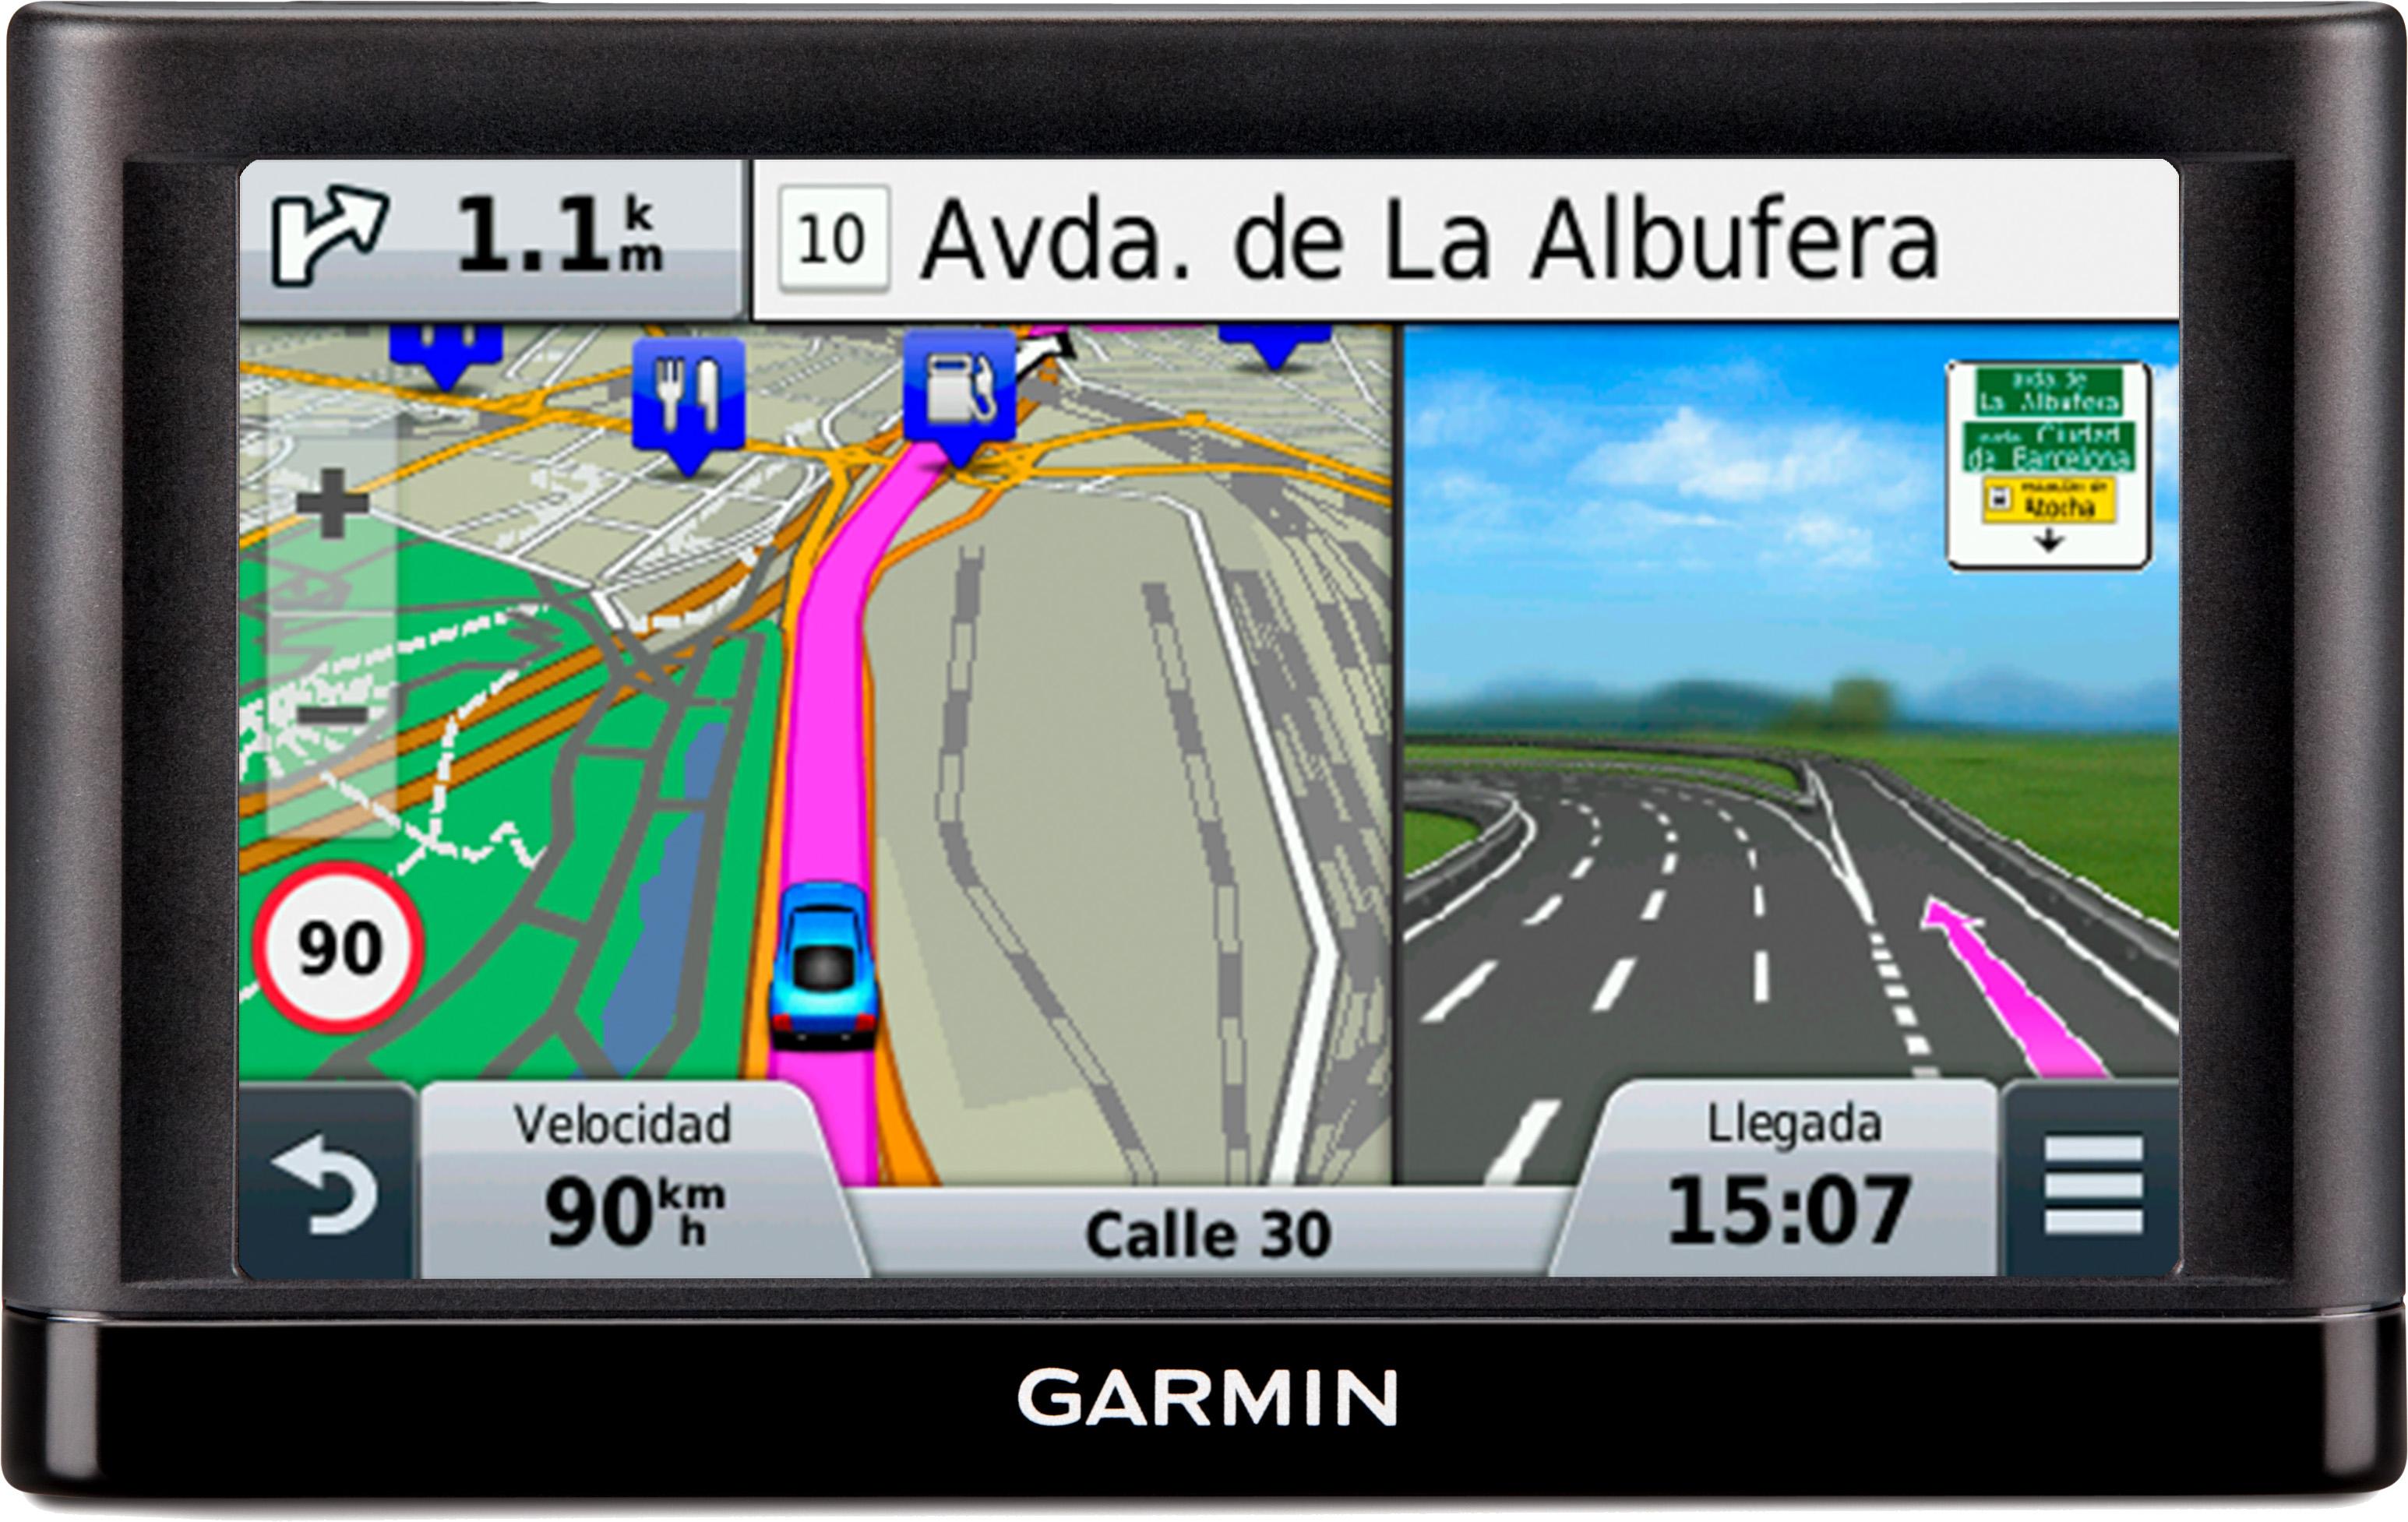 Garmin nüvi Esencial: Especificaciones de la nueva familia de GPS